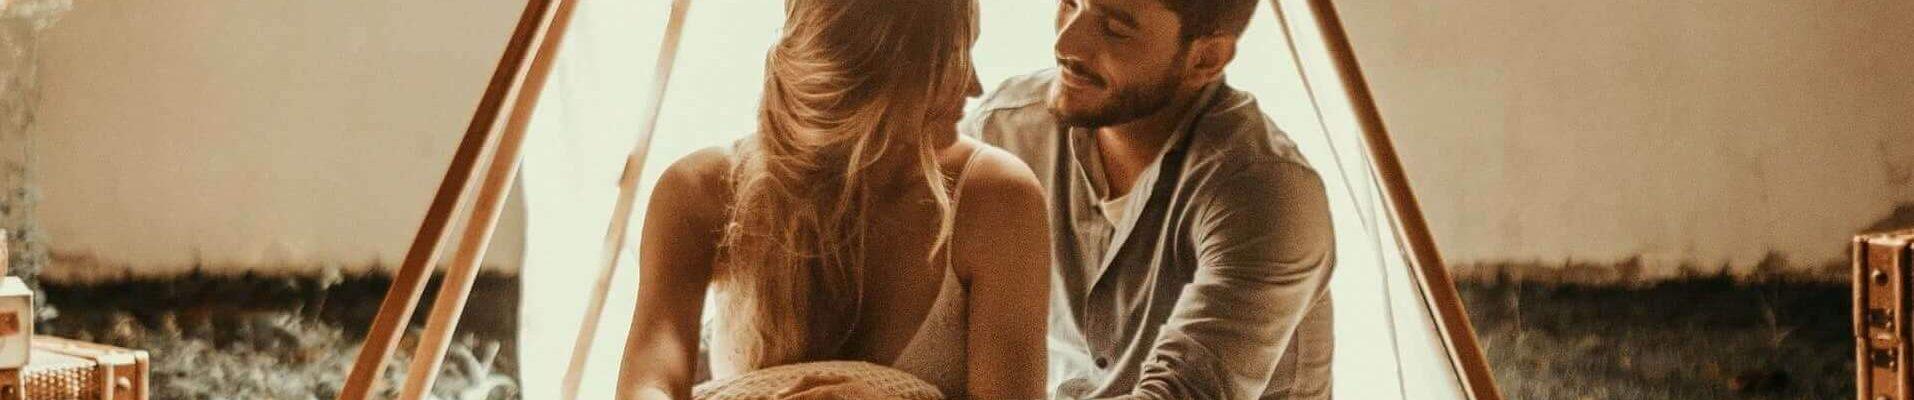 Tebi nedostaje osjećaj ljubavi a ne tvoj bivši